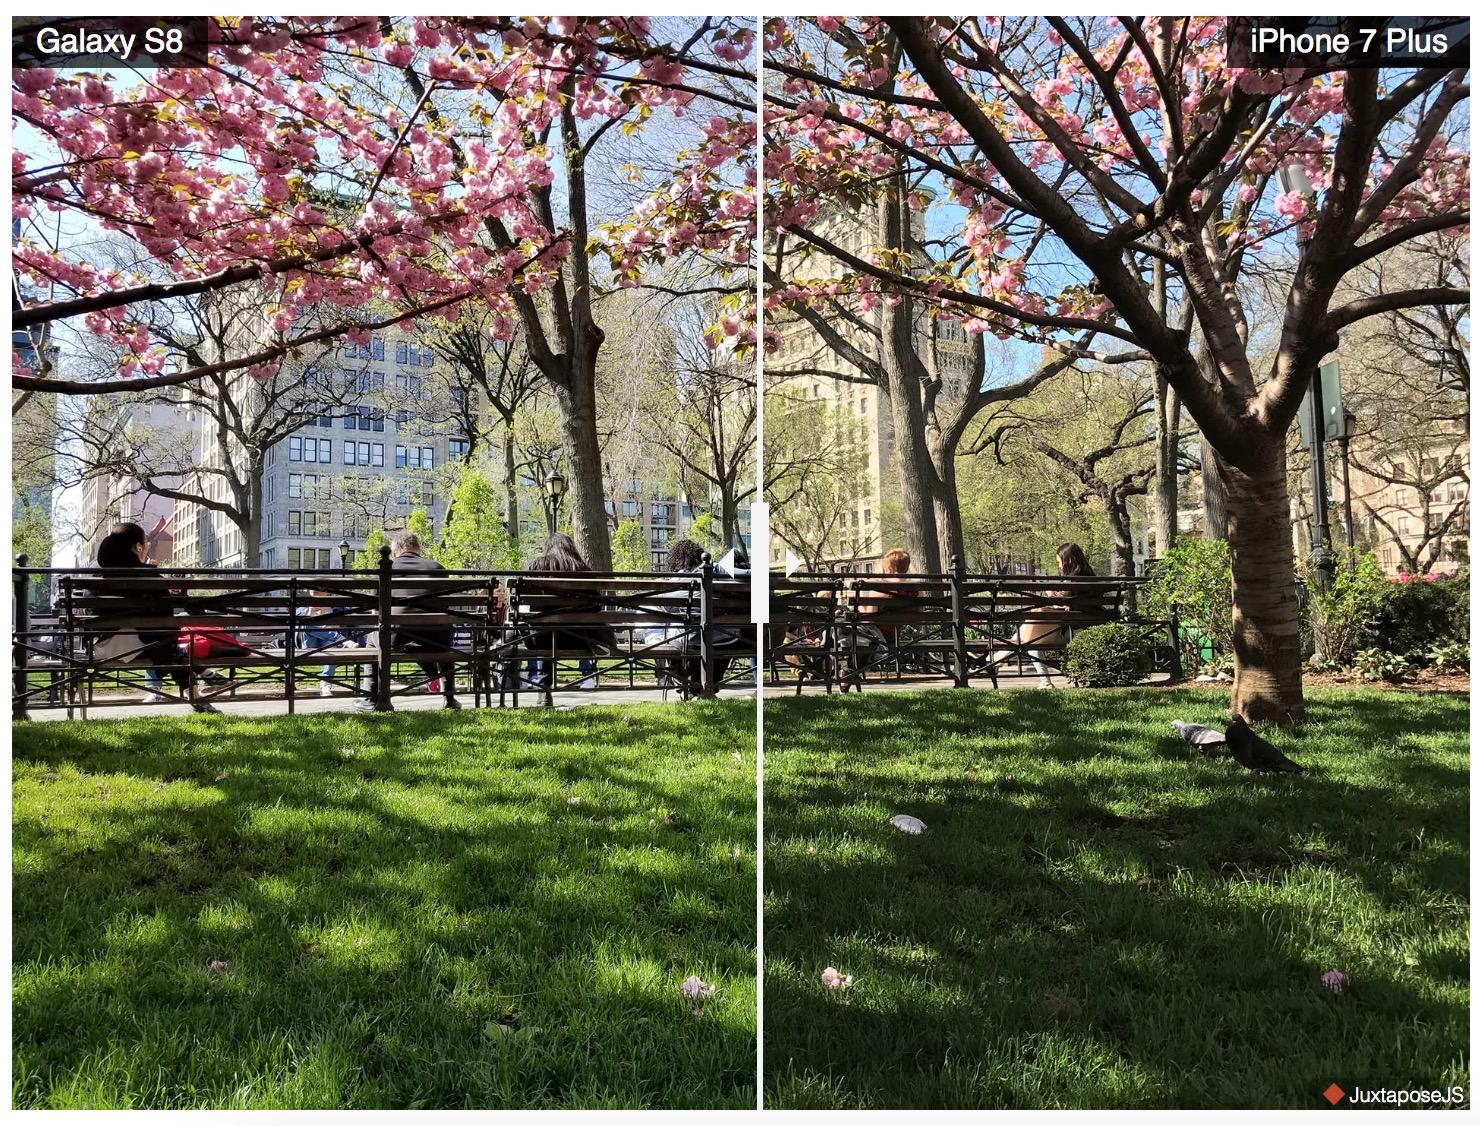 iPhone 7 Plus против Galaxy S8: чья камера оказалась лучше?